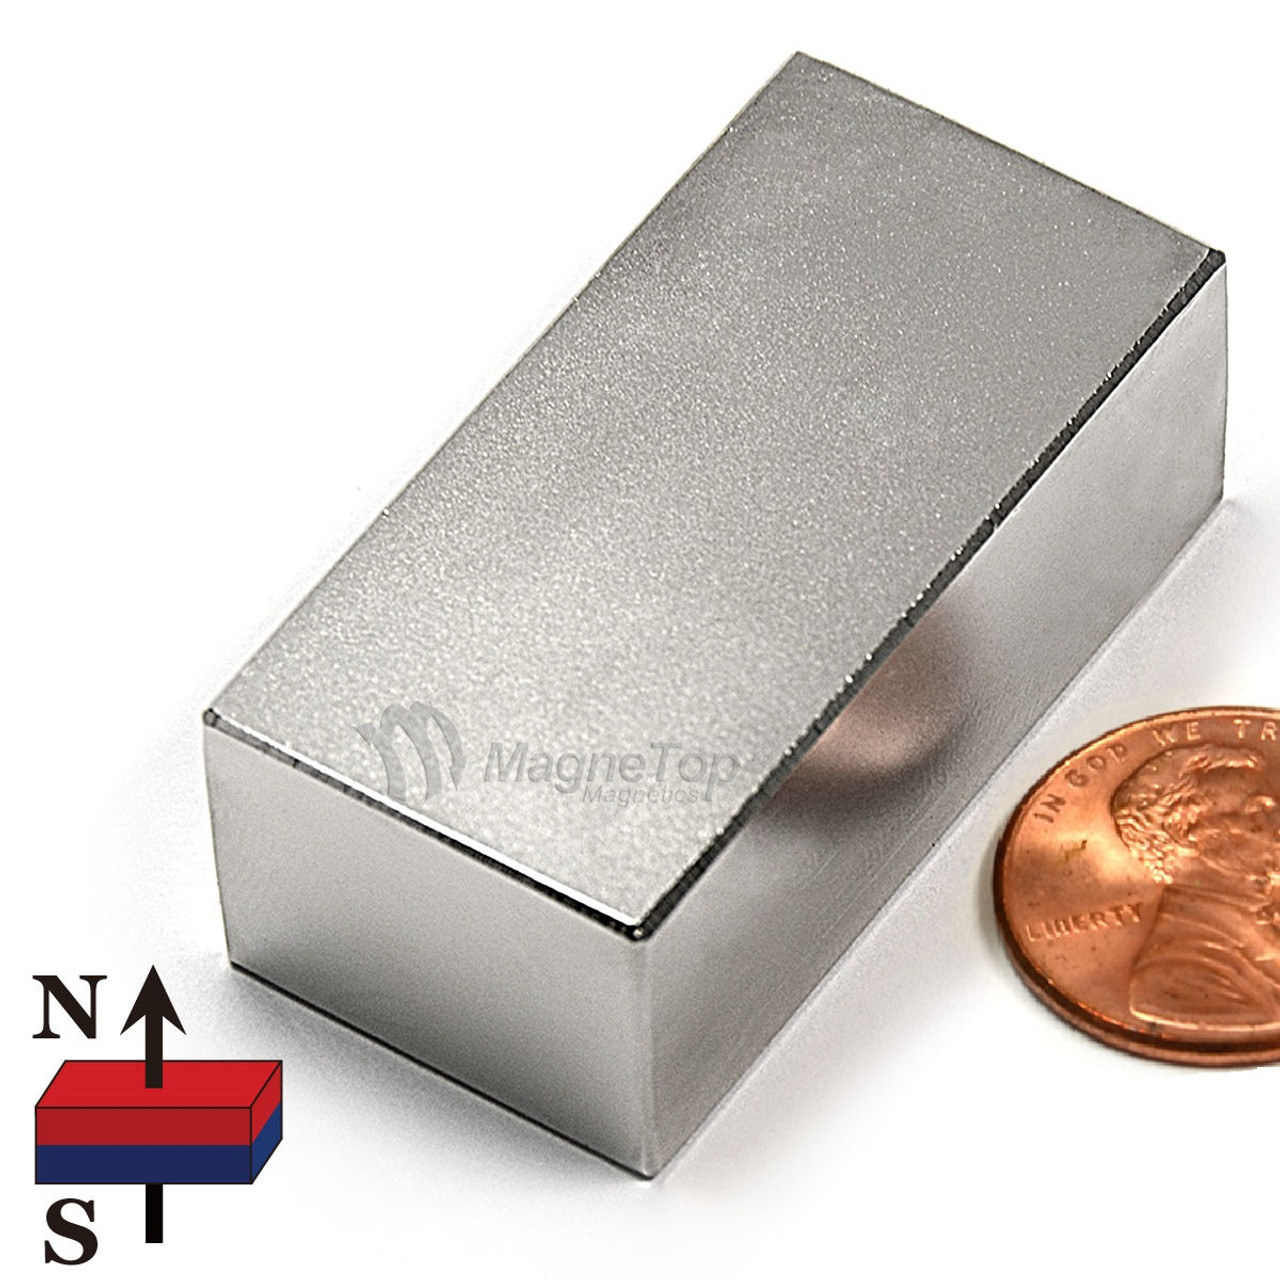 Neodymium Block - 40mm x 20mm x 15mm